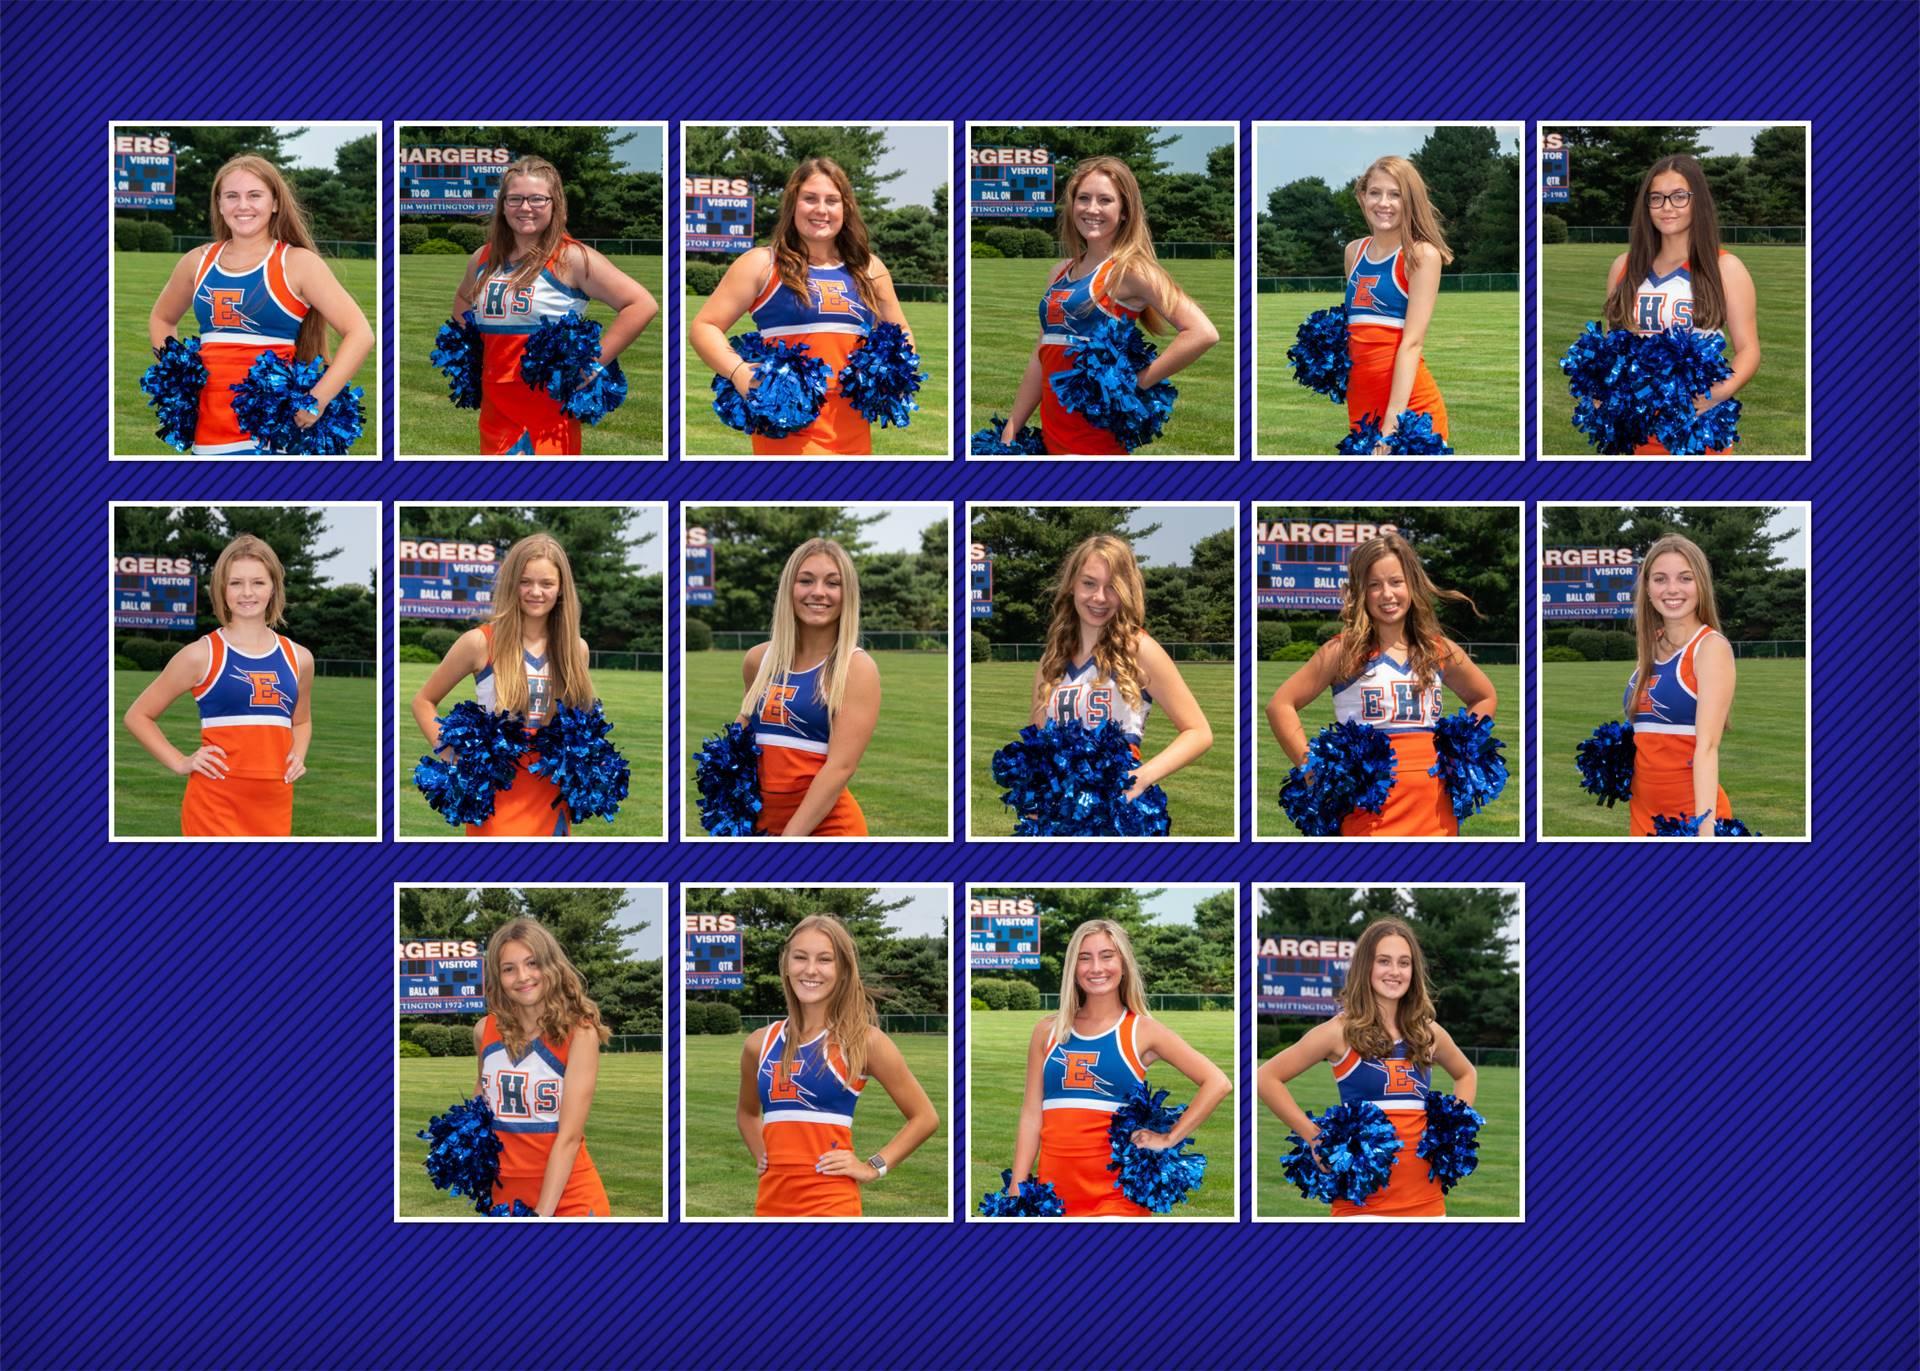 2020 Fall Cheerleaders